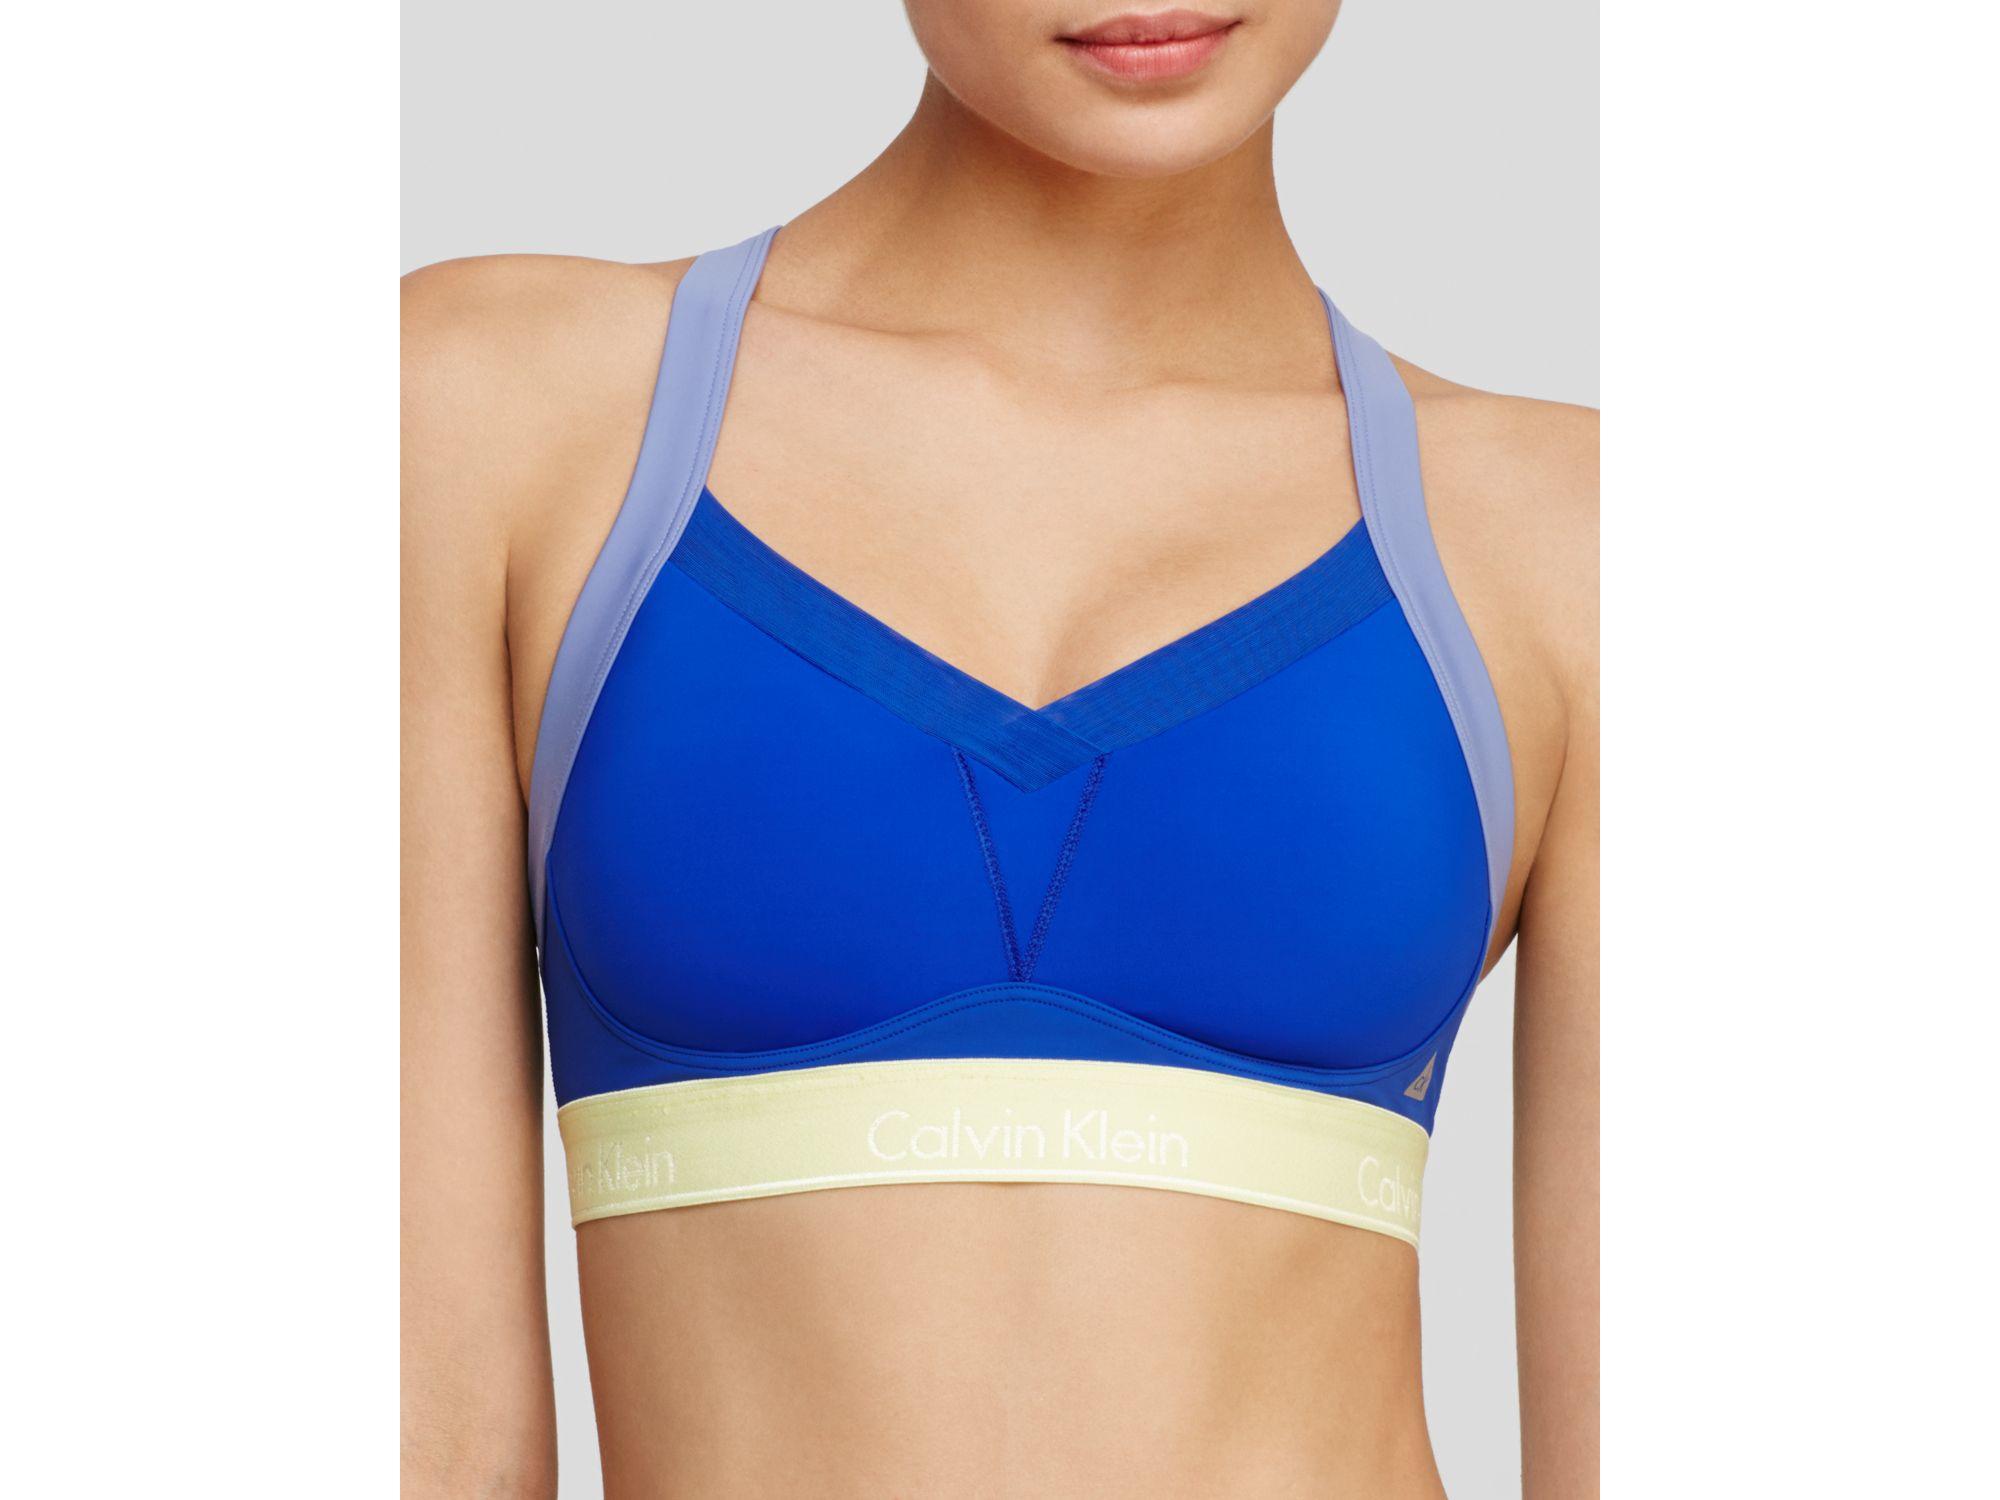 79bd45ca3b Calvin Klein. Women s Blue Sports Bra - Flex Motion Convertible High Impact   Qf1085